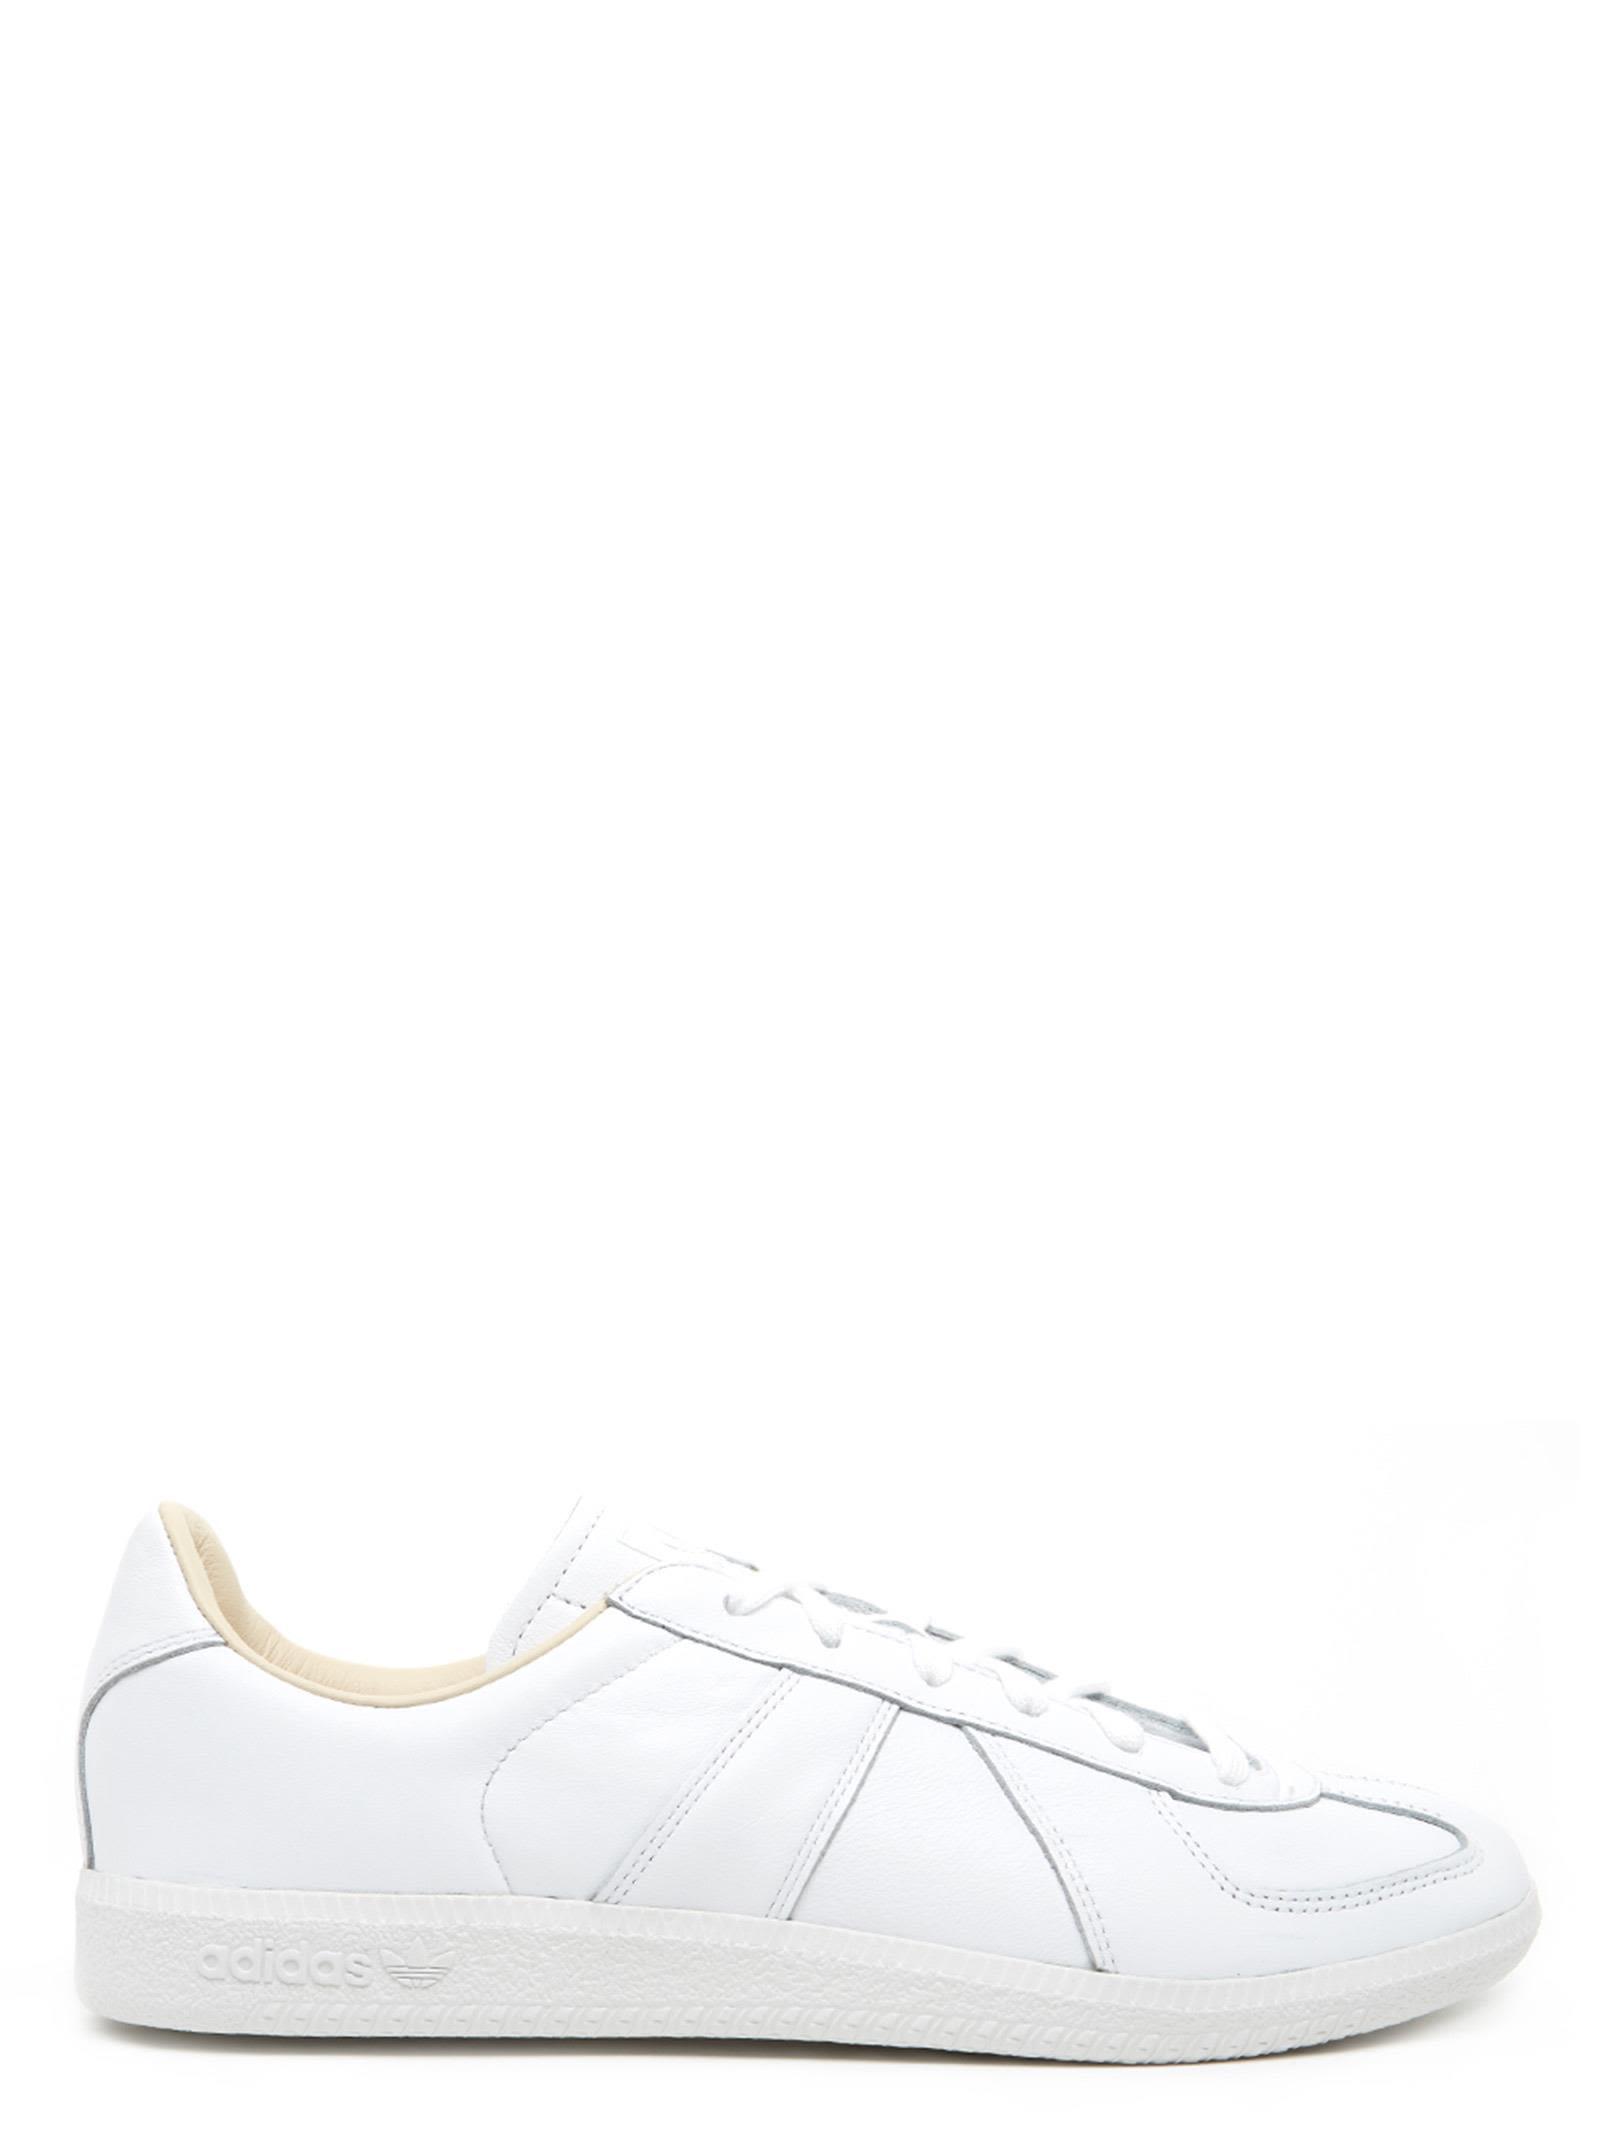 Adidas Originals 'bw-army' Shoes